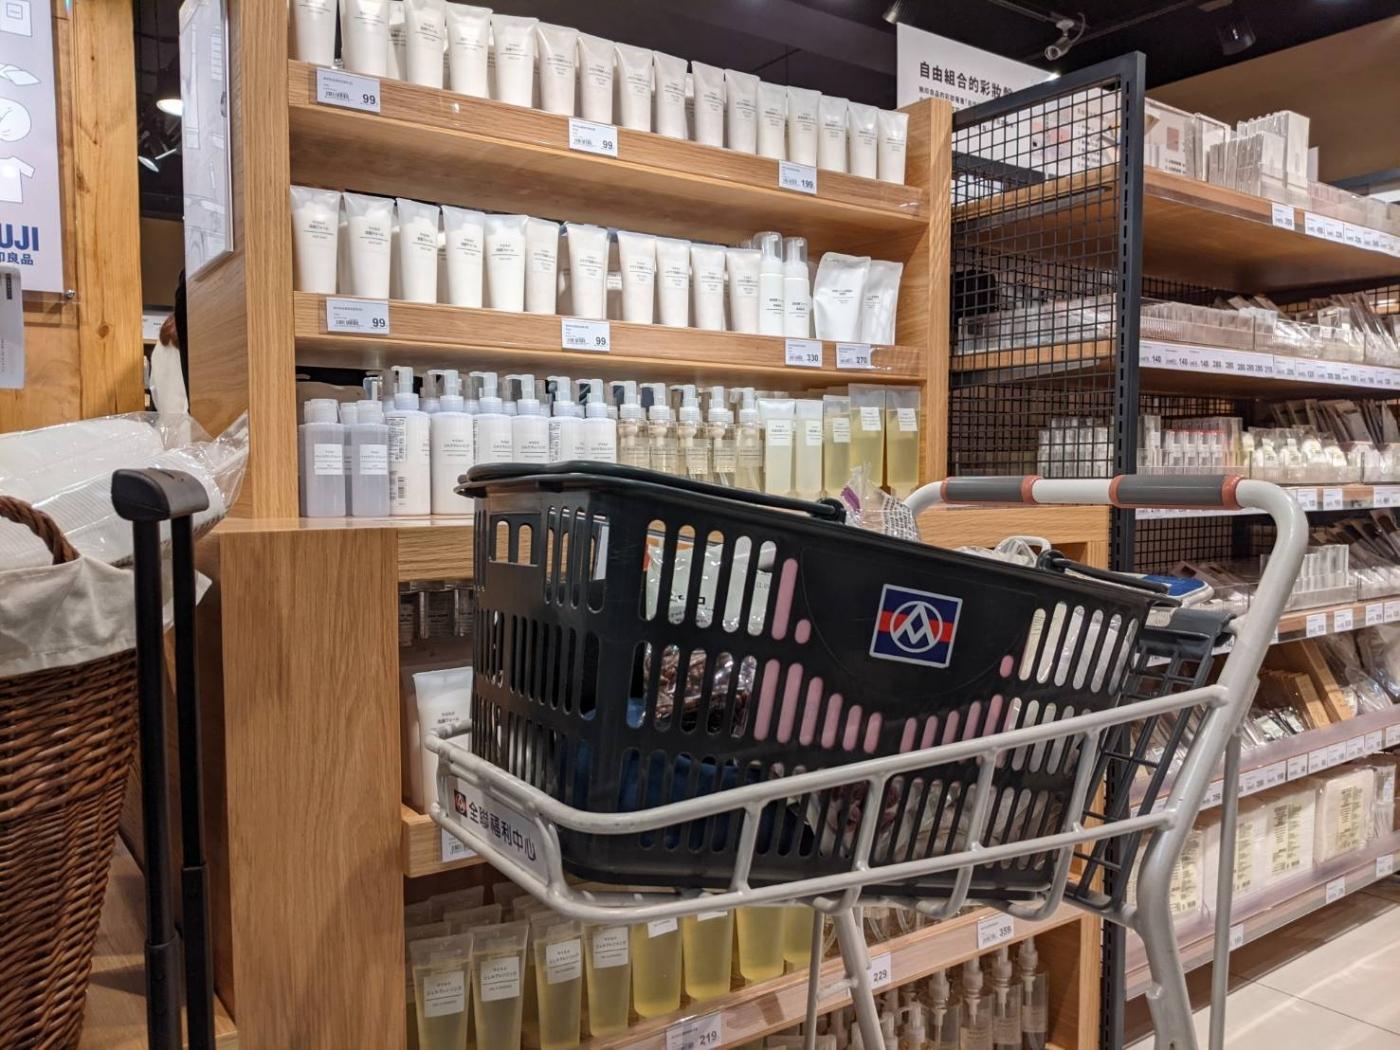 全聯、IKEA、美廉社都掀起複合店大戰,背後盤算什麼?